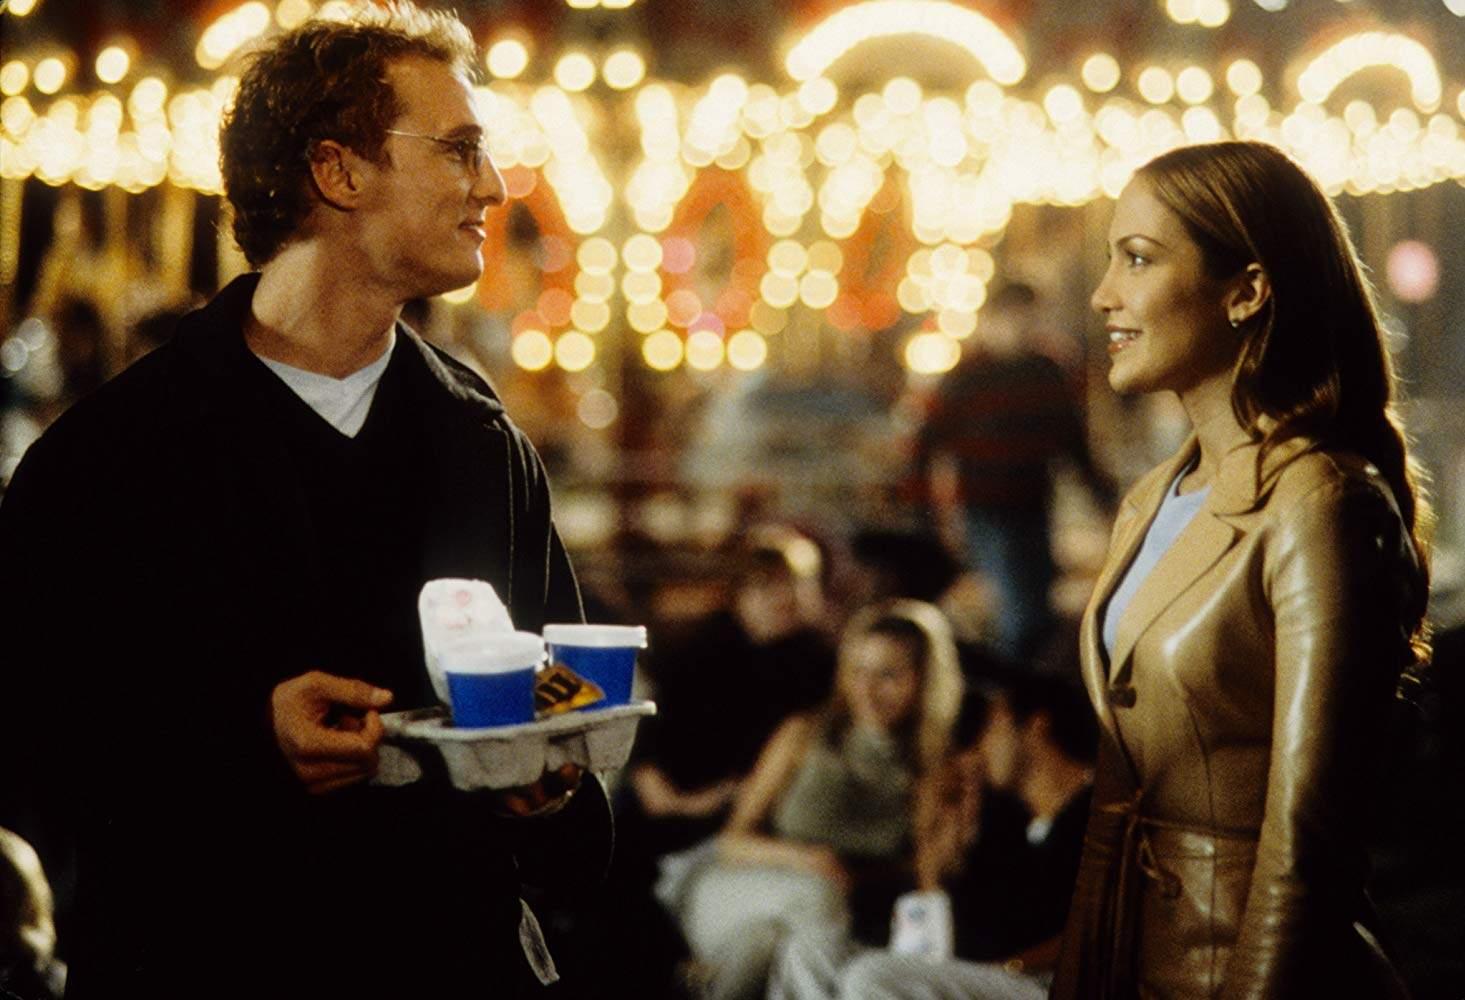 دانلود فیلم طراح ازدواج (The Wedding Planner 2001) دوبله فارسی